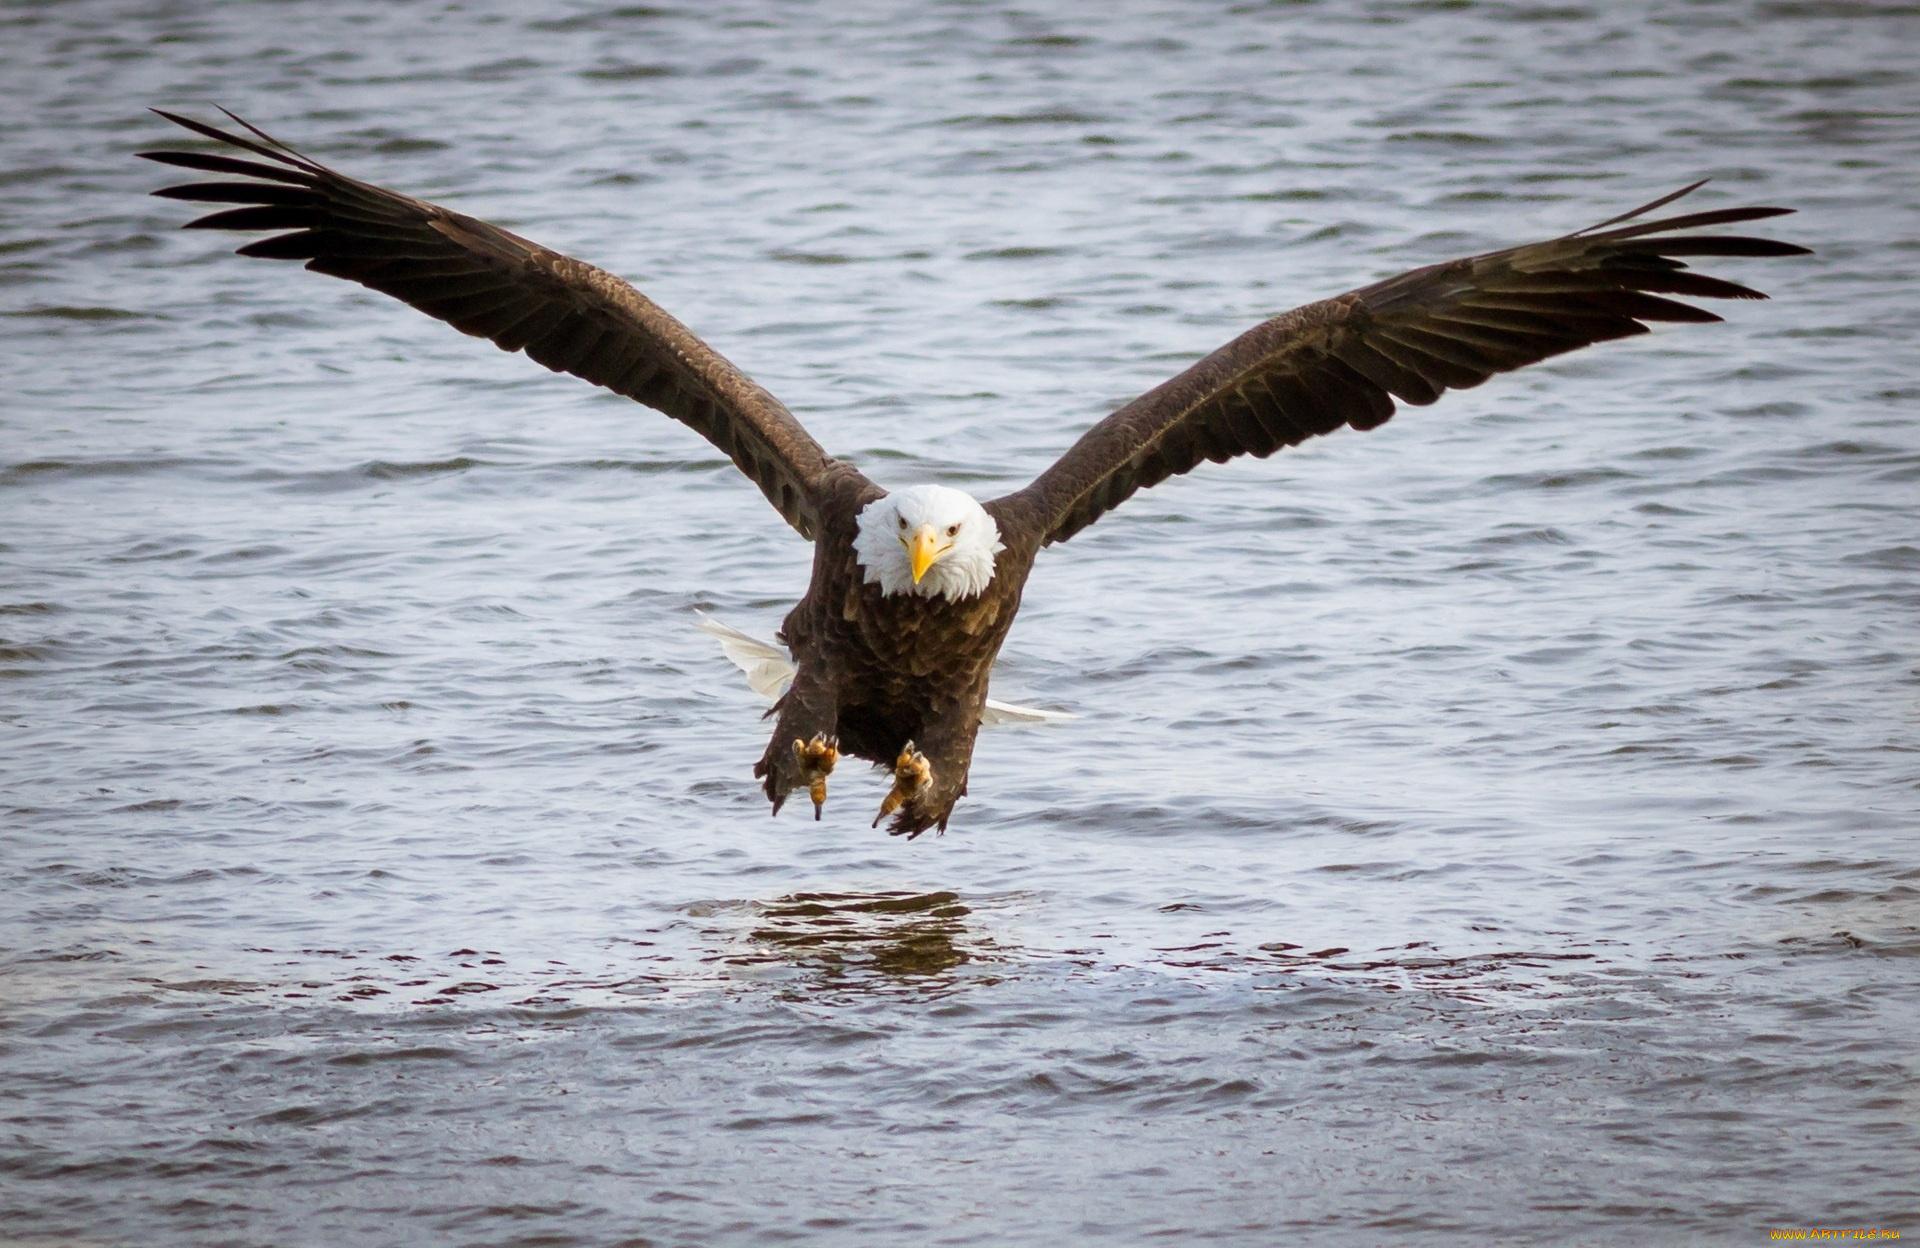 орел полет вода загрузить